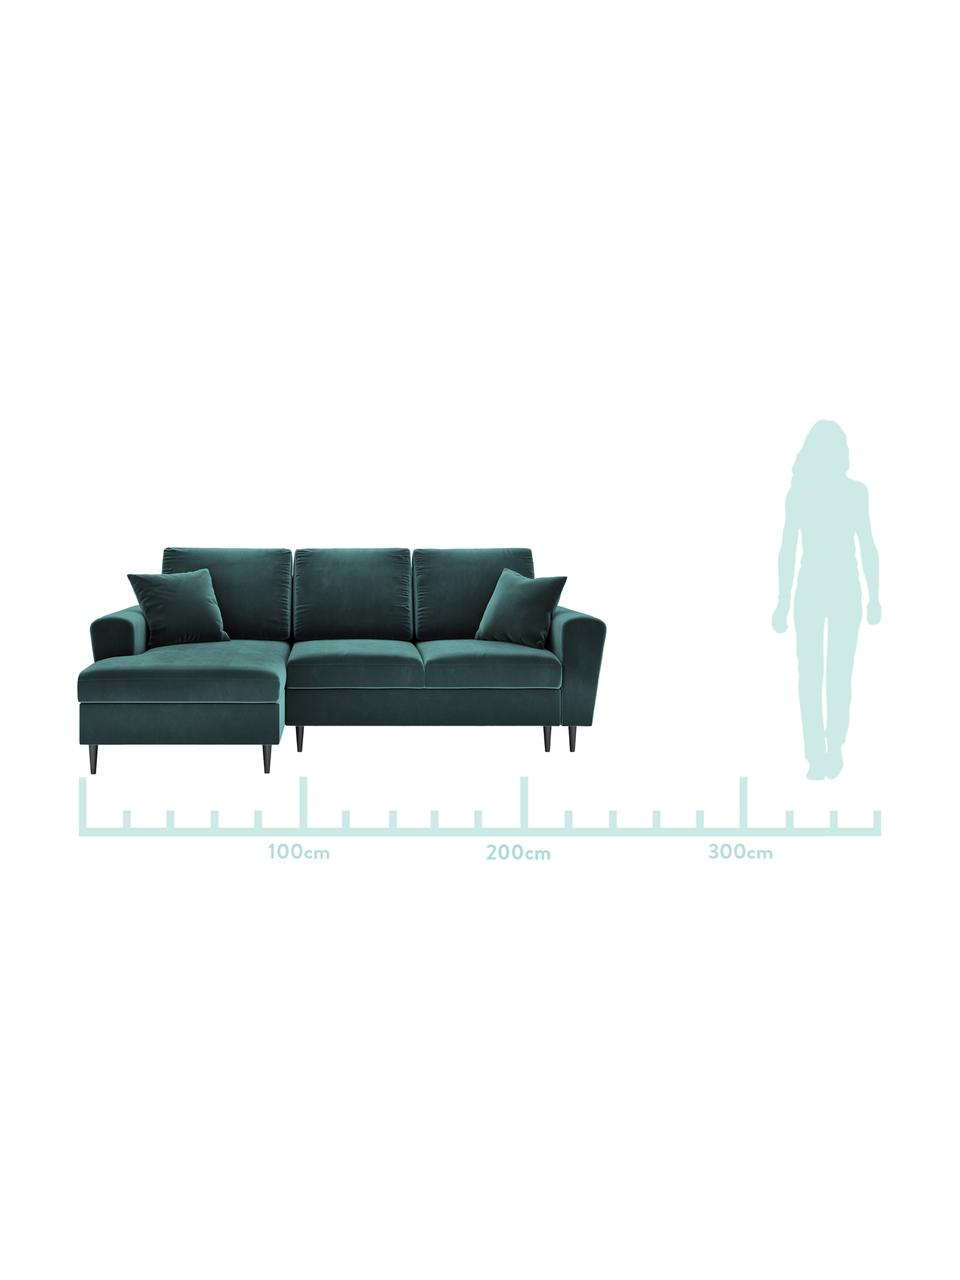 Sofa narożna z funkcją spania z miejscem do przechowywania Moghan (4-osobowa), Tapicerka: aksamit poliestrowy Dzięk, Stelaż: lite drewno sosnowe, skle, Nogi: metal lakierowany, Zielony, S 236 x G 145 cm (lewostronna)